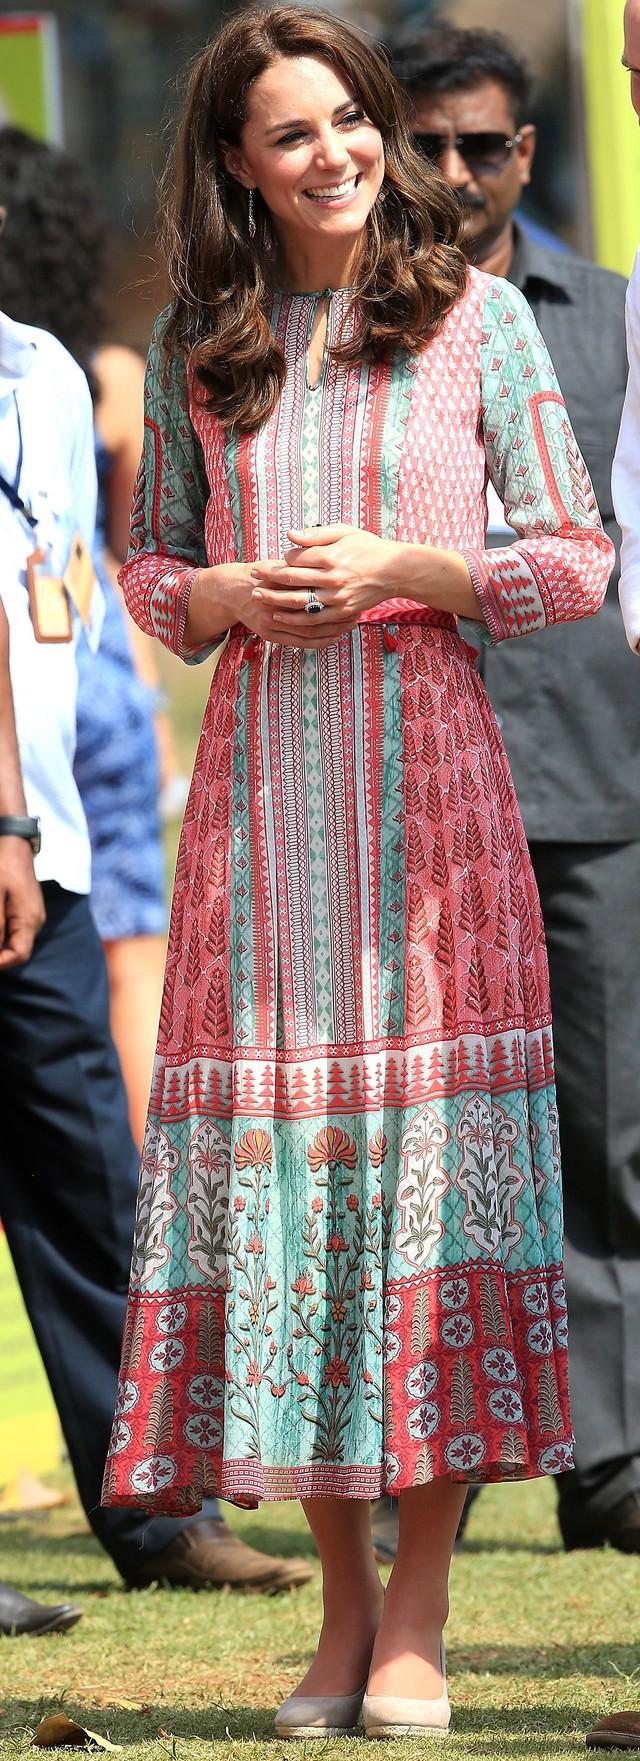 Diện váy vintage như công nương Kate Middleton, bạn đã biết cách chưa? - Ảnh 8.